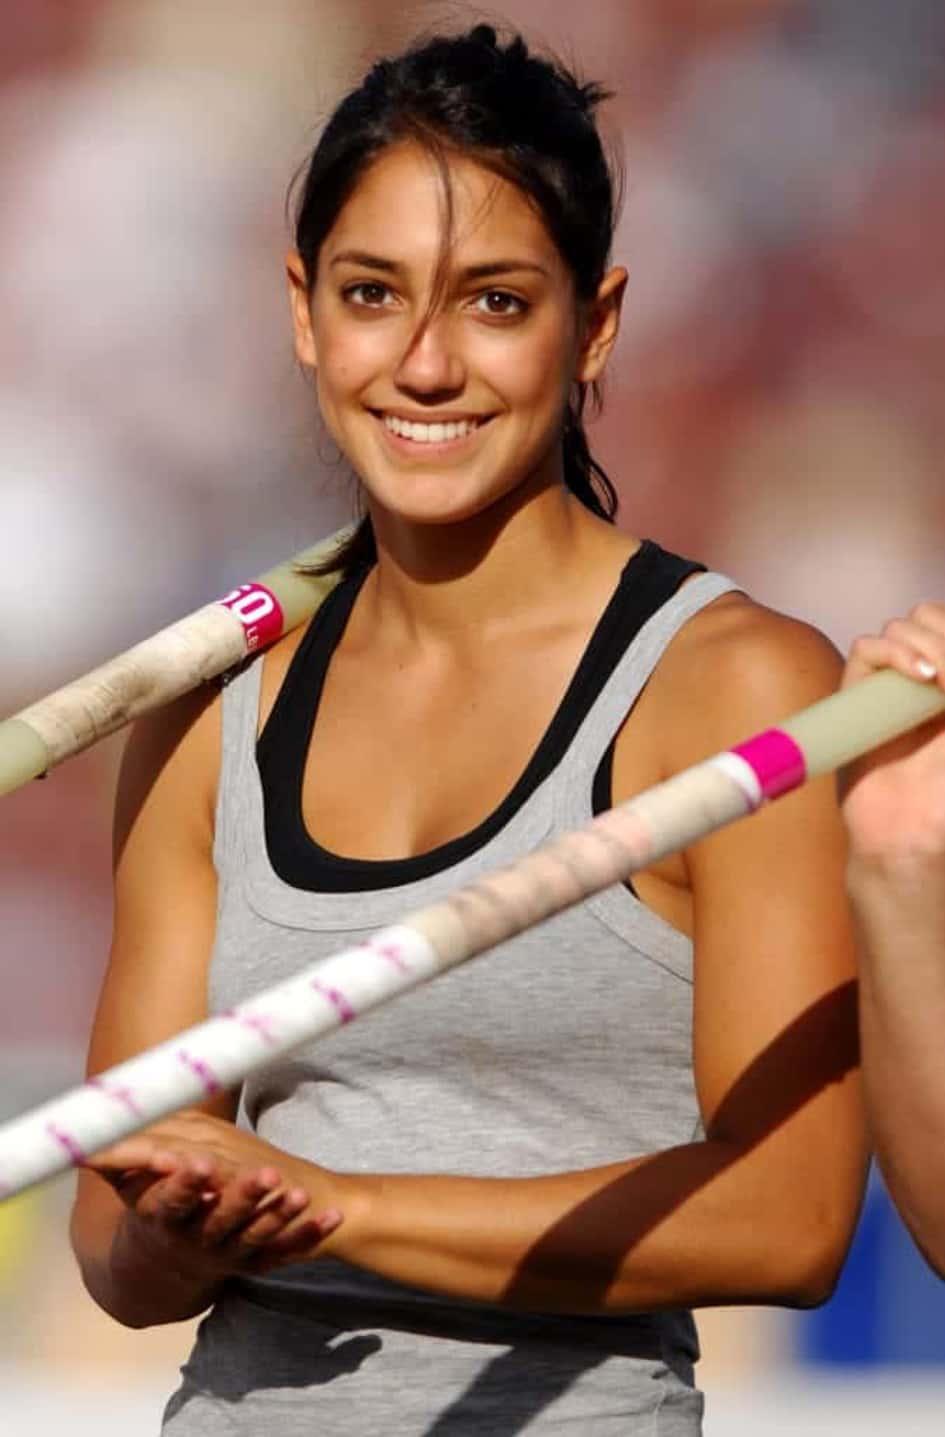 Les Débuts D'Allison Stokke En Tant Qu'athlète Spécialiste Du Saut à La Perche